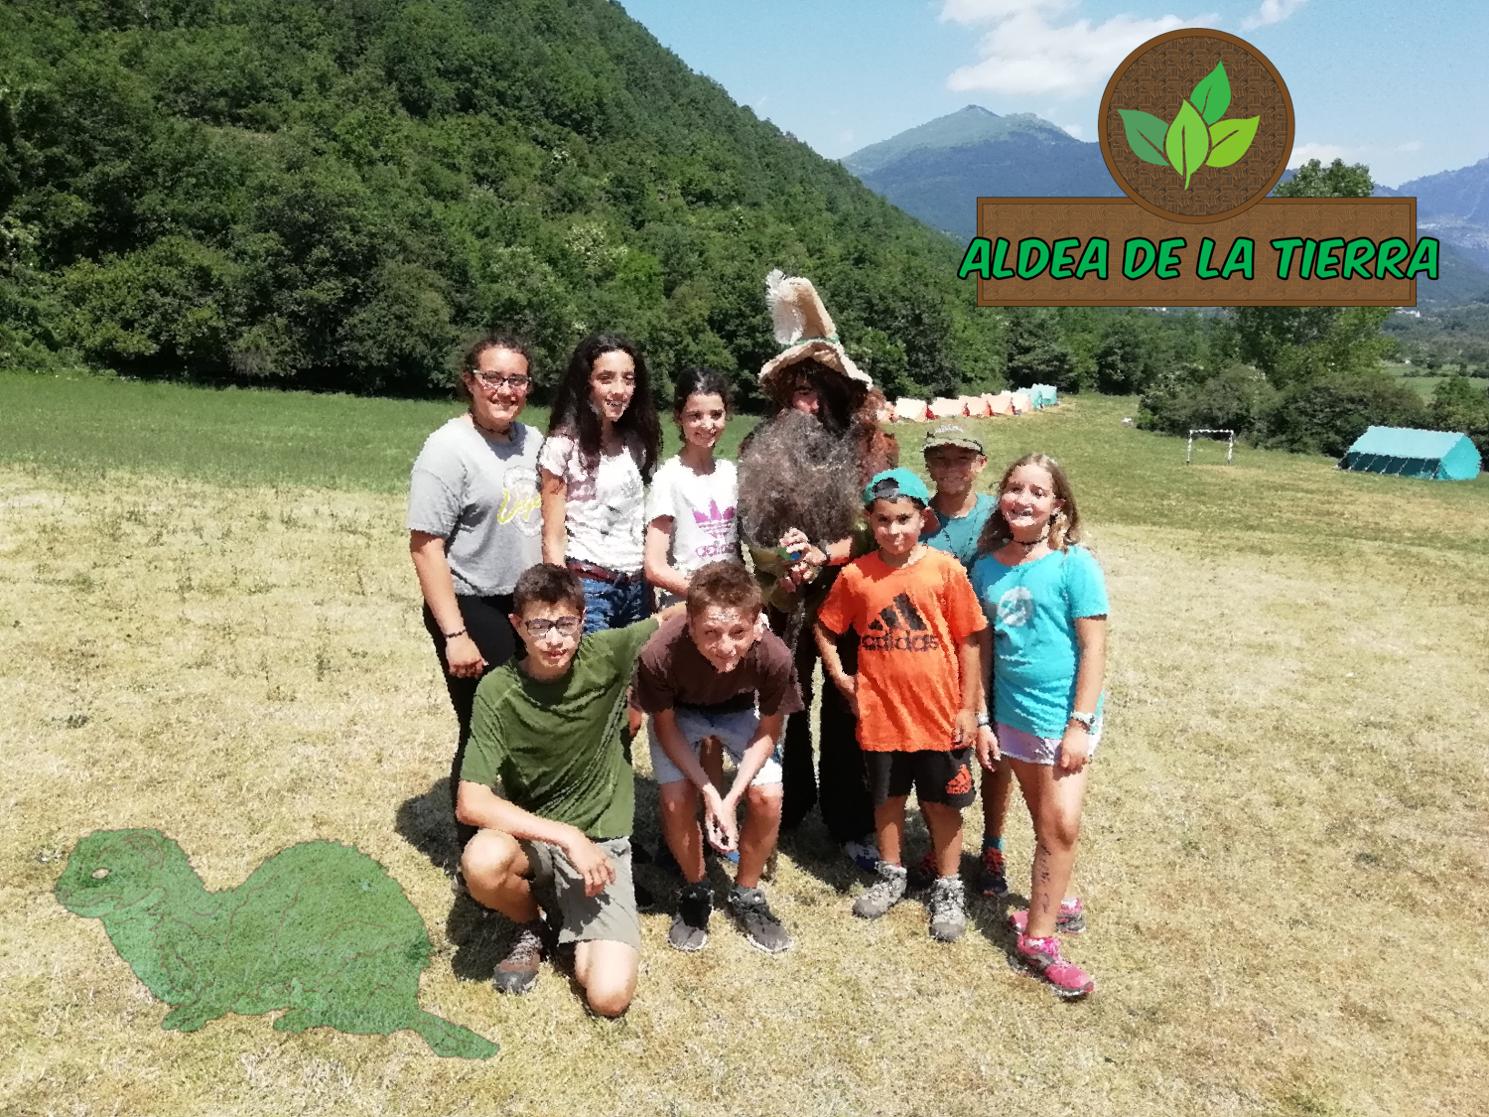 Aldea de la tierra | Campamento Turquino 2018: la leyenda de Ordesa